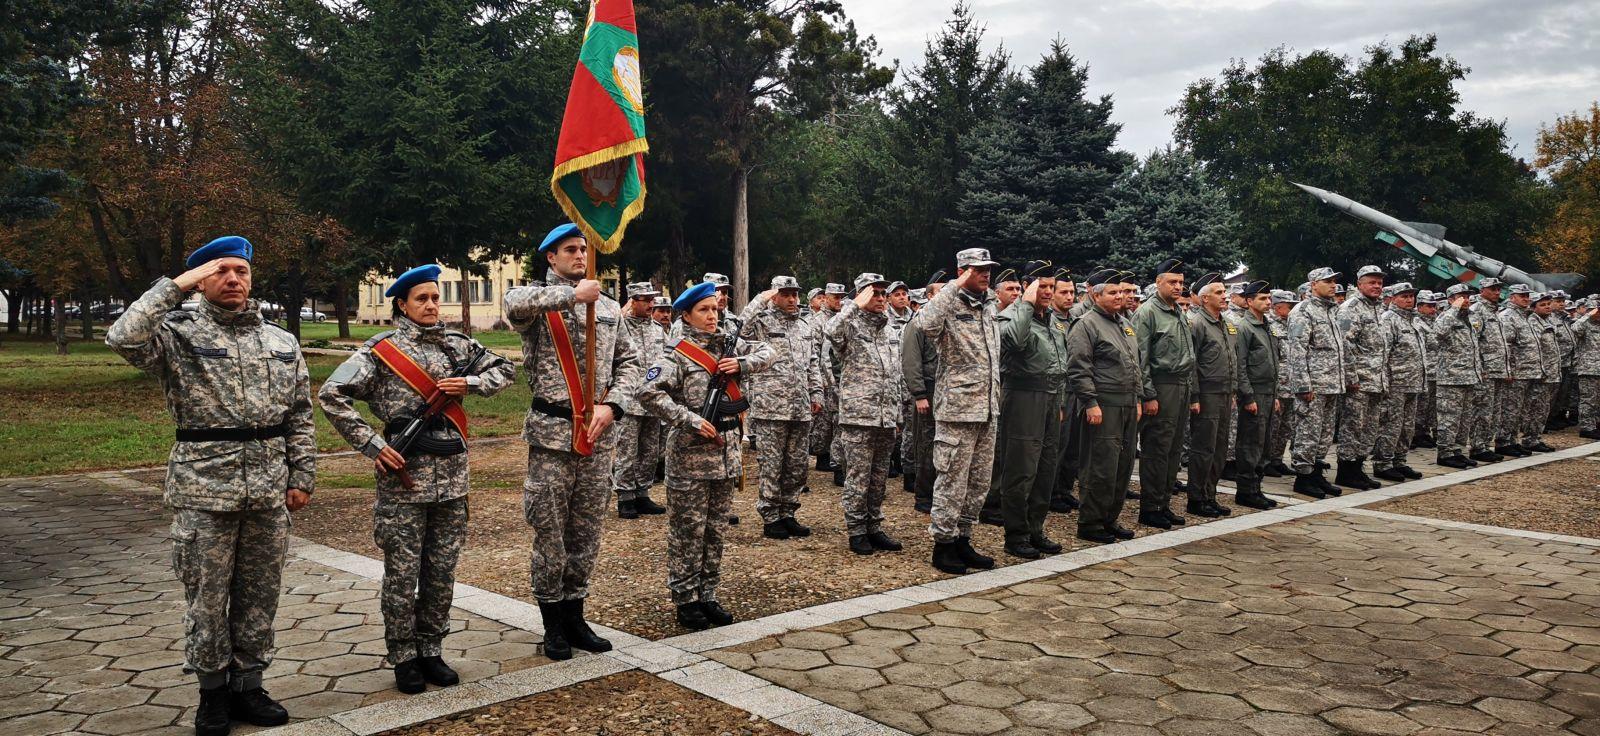 16 октомври във Военно-въздушна учебна база - Долна Митрополия (ГАЛЕРИЯ)